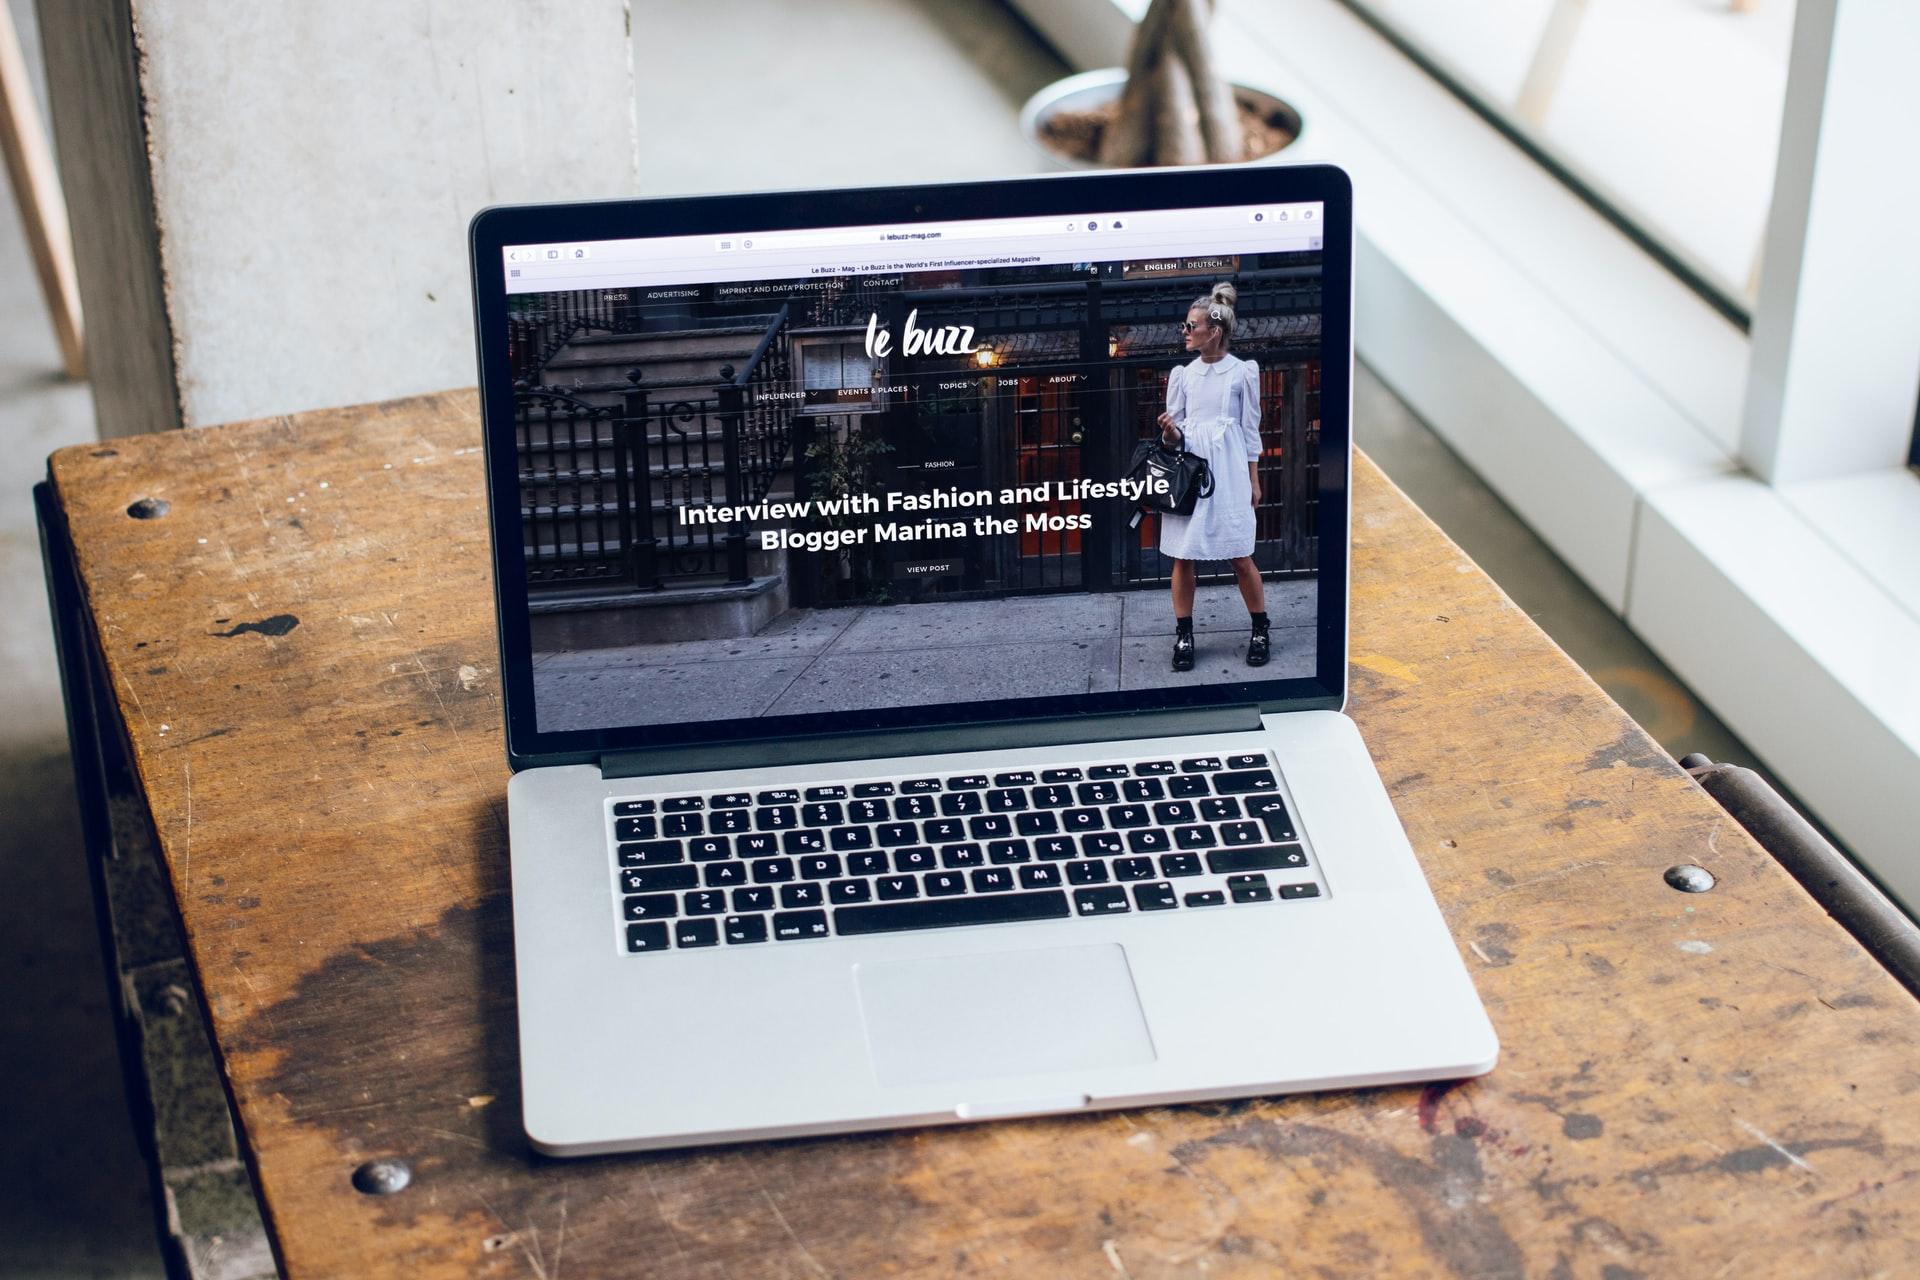 Le Buzz website on laptop